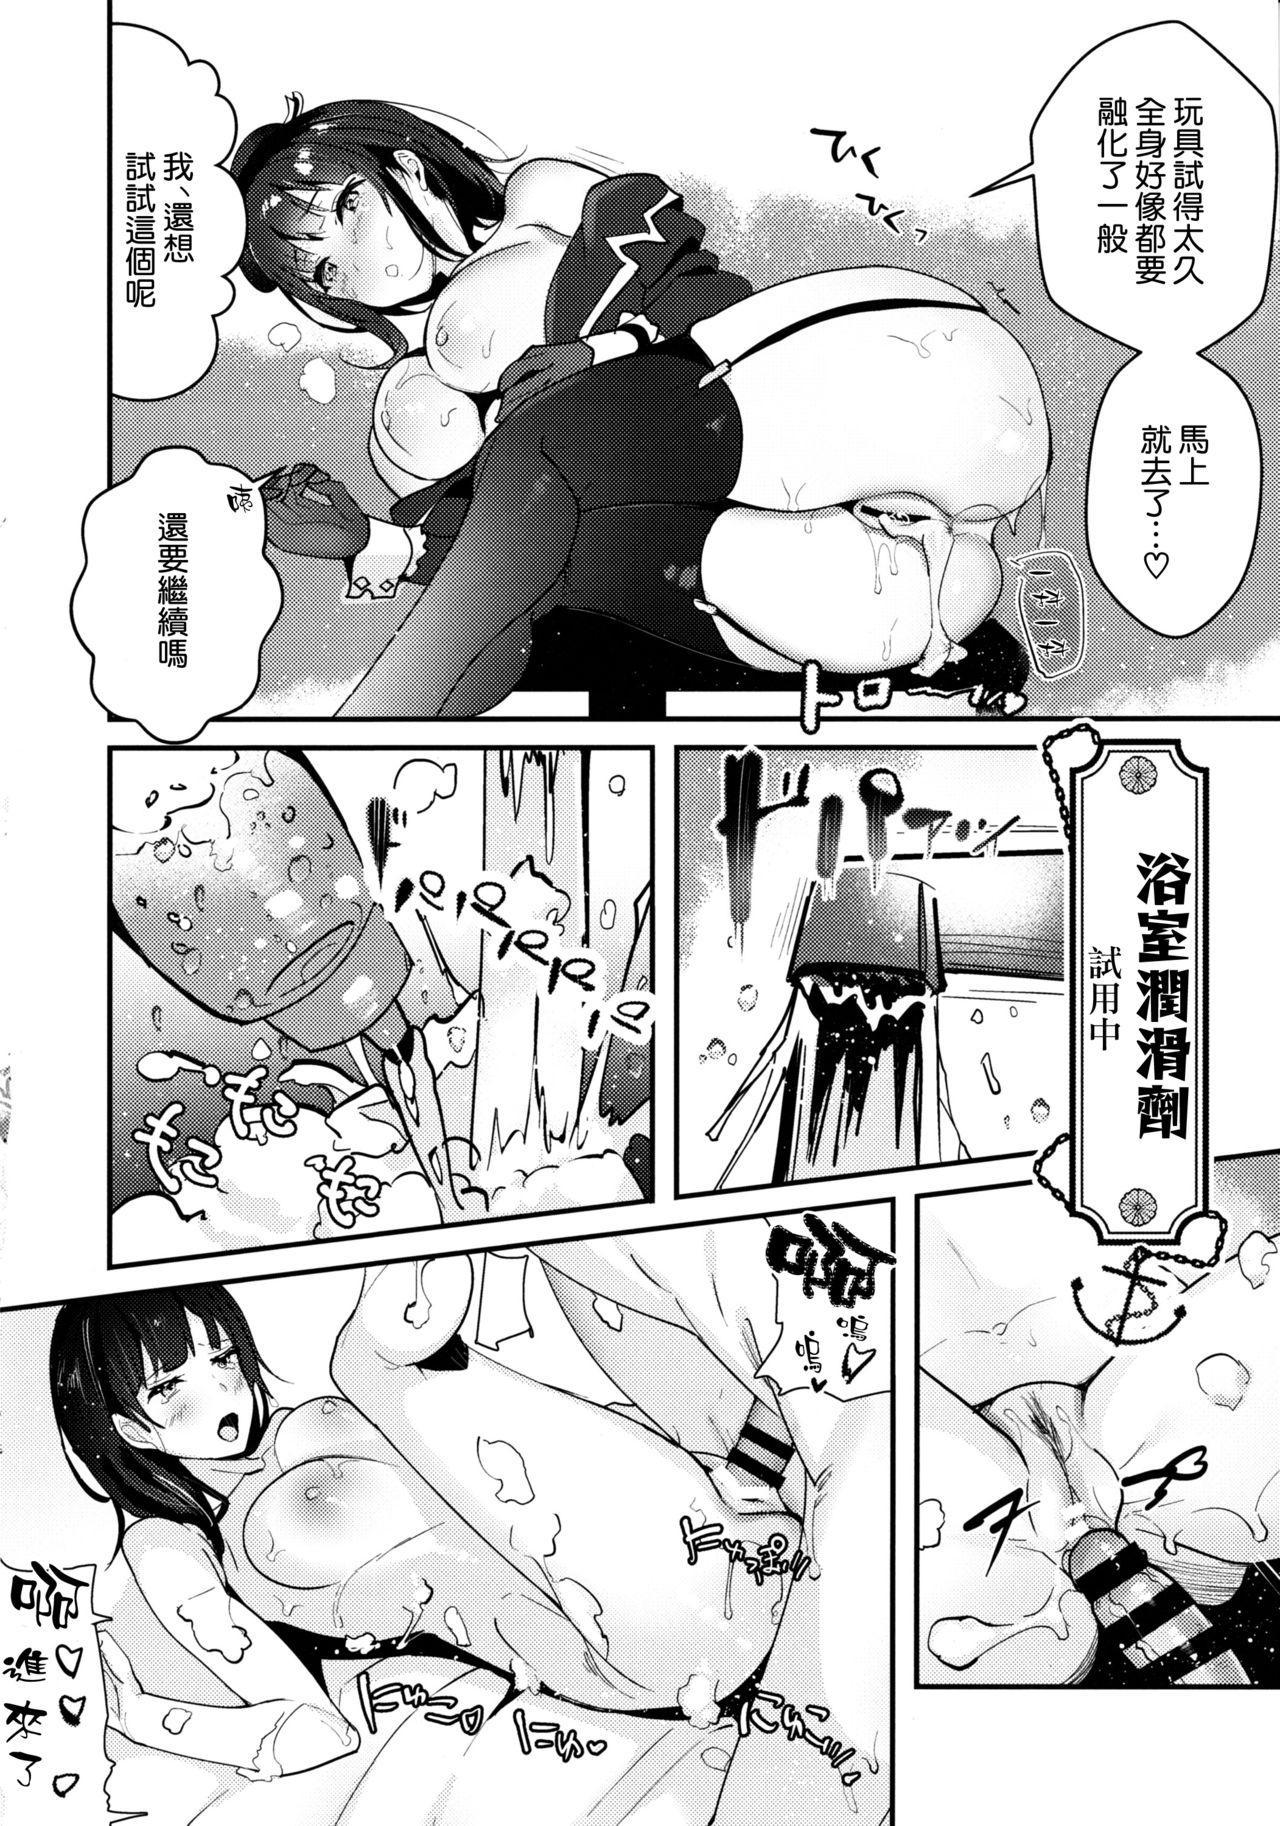 Binkan Takao Omocha Review Shite Miru? 17